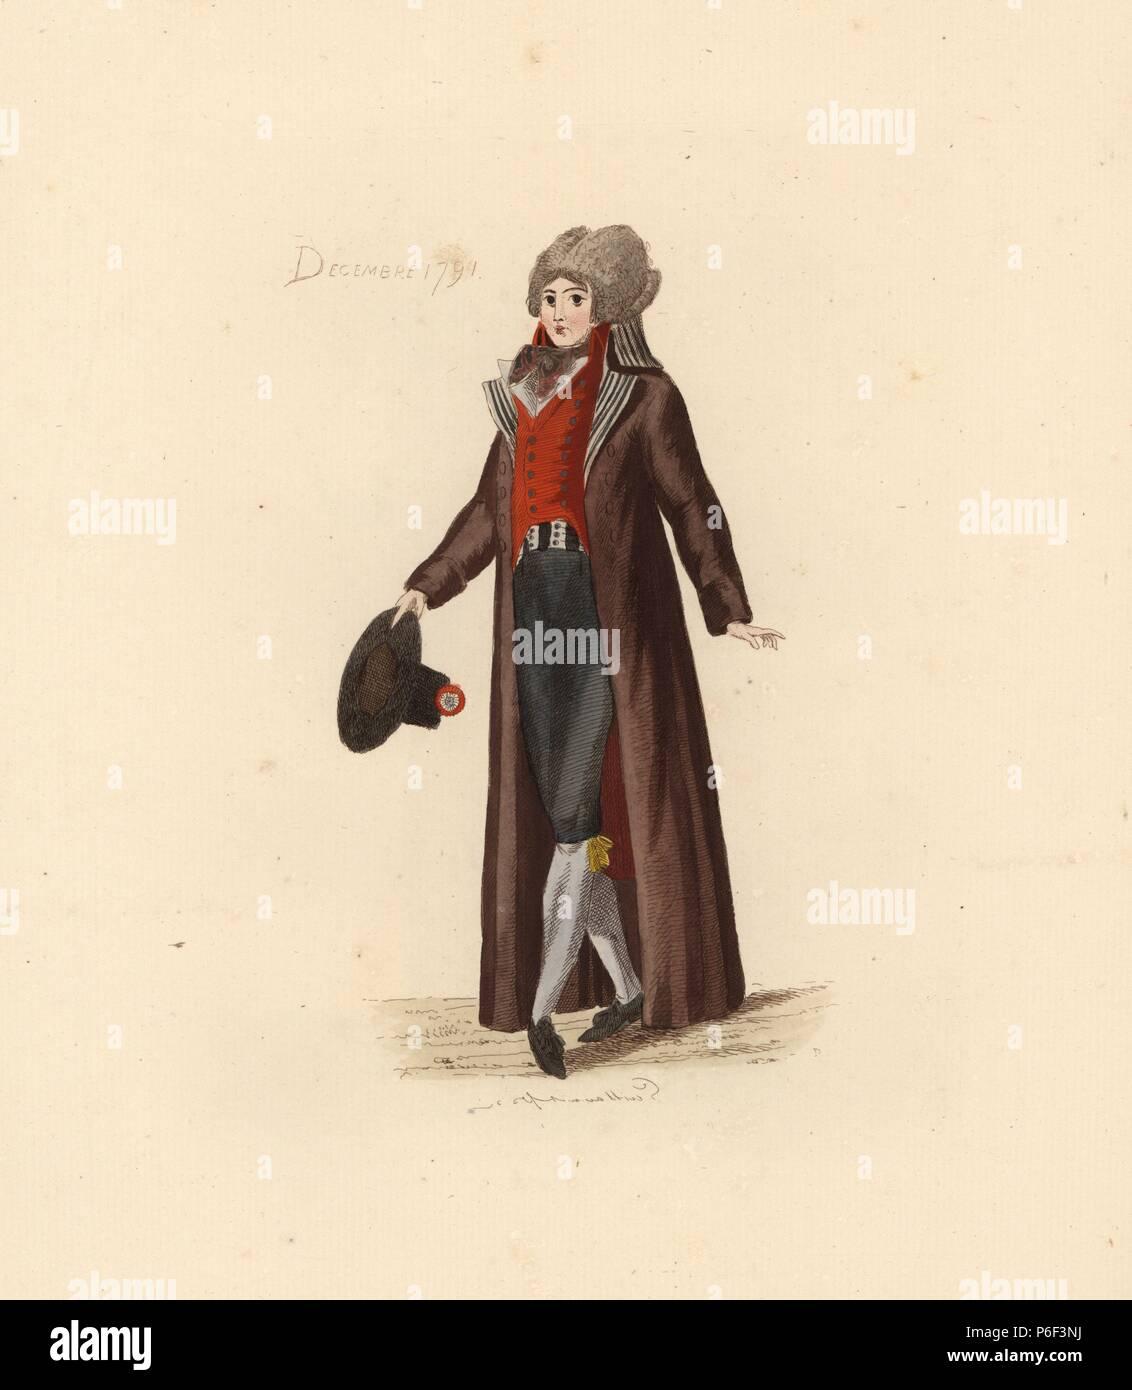 Franzosische Mann Der Die Mode Von Dezember 1791 Er Tragt Eine